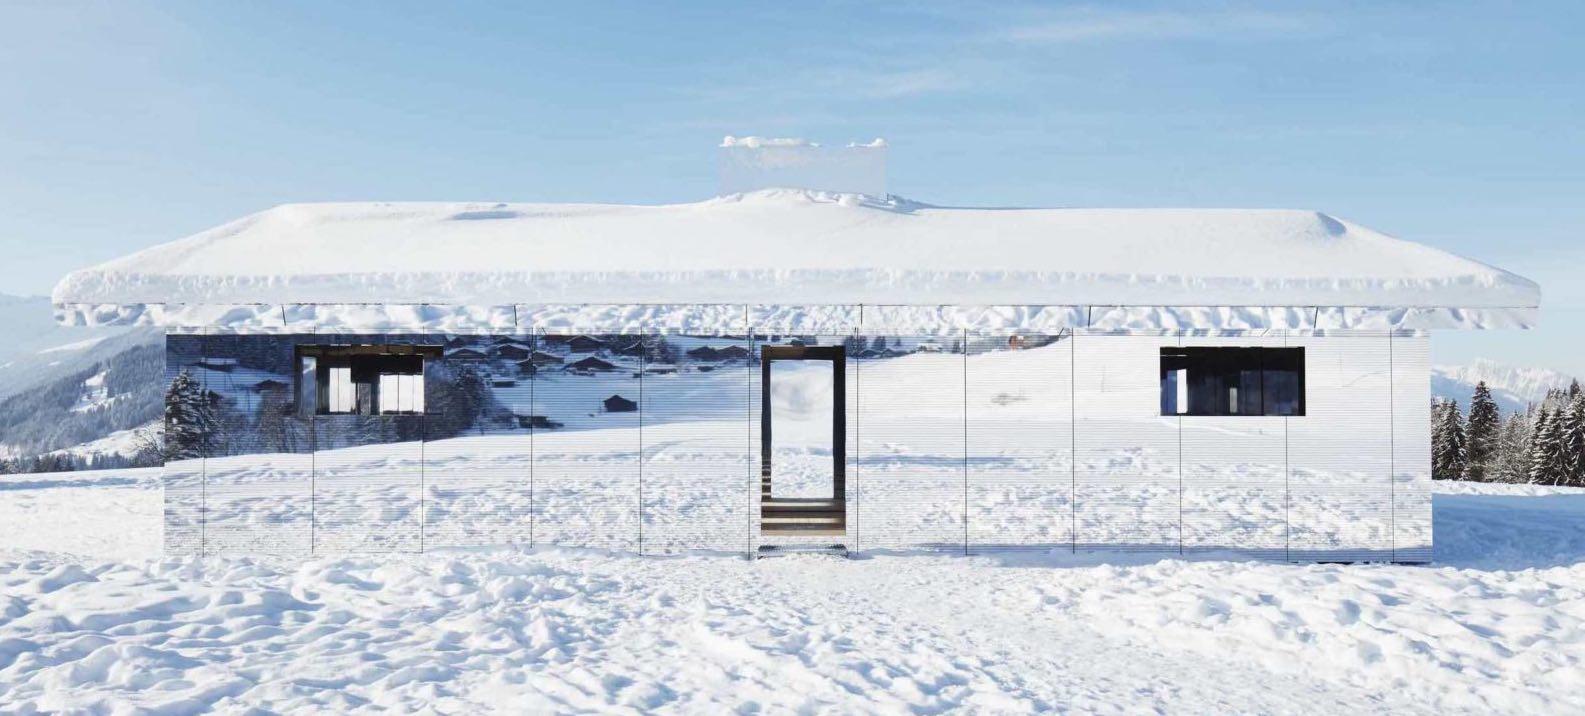 Mirage Gstaad neige